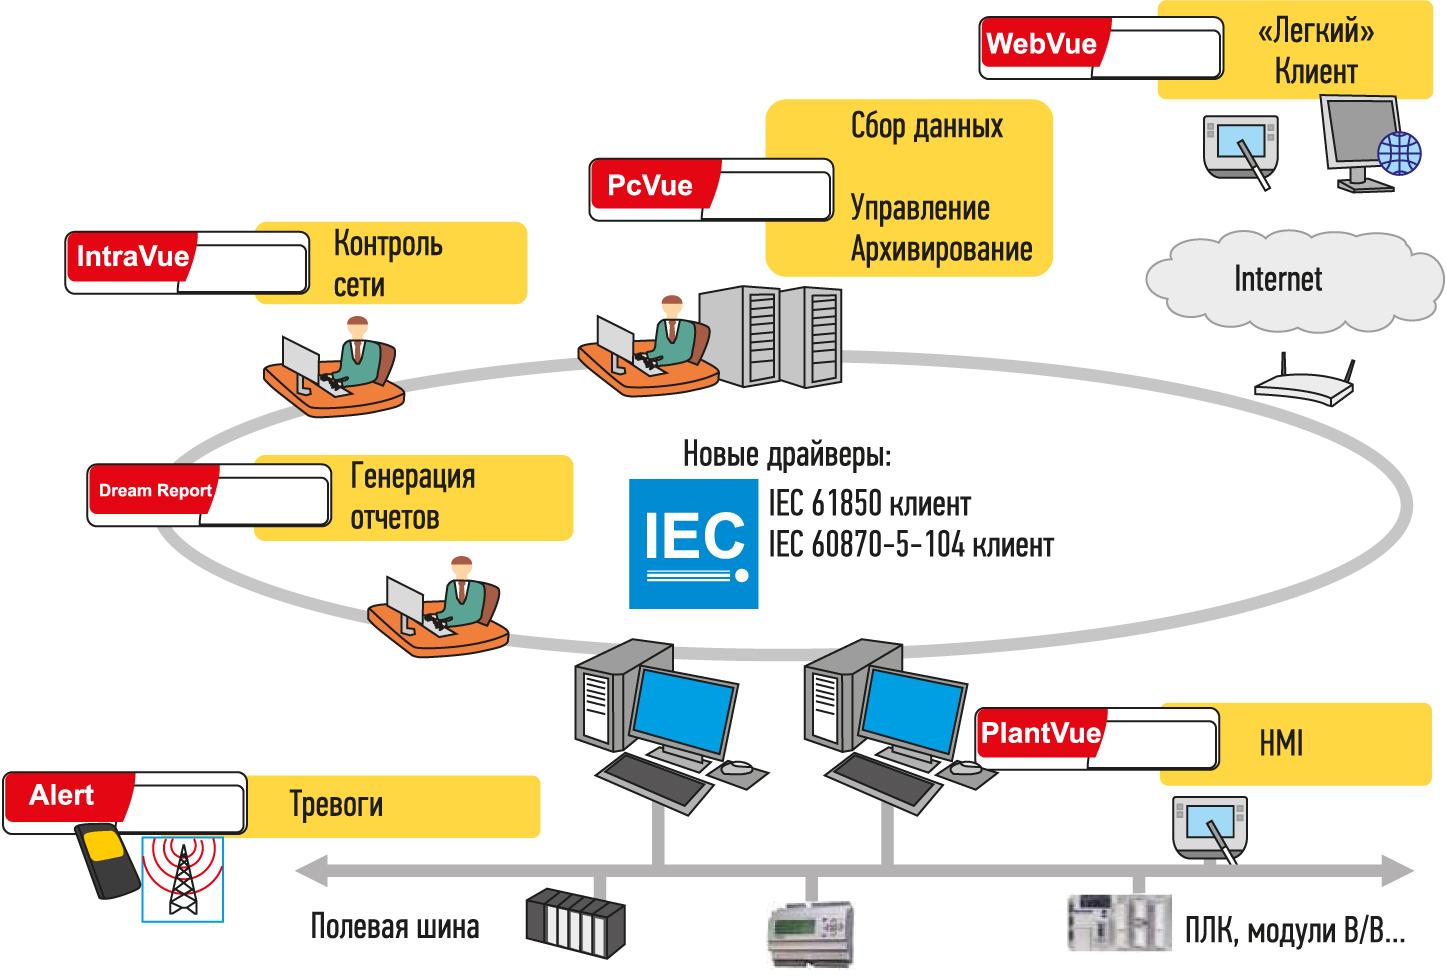 Пример системы на основе PcVue 10